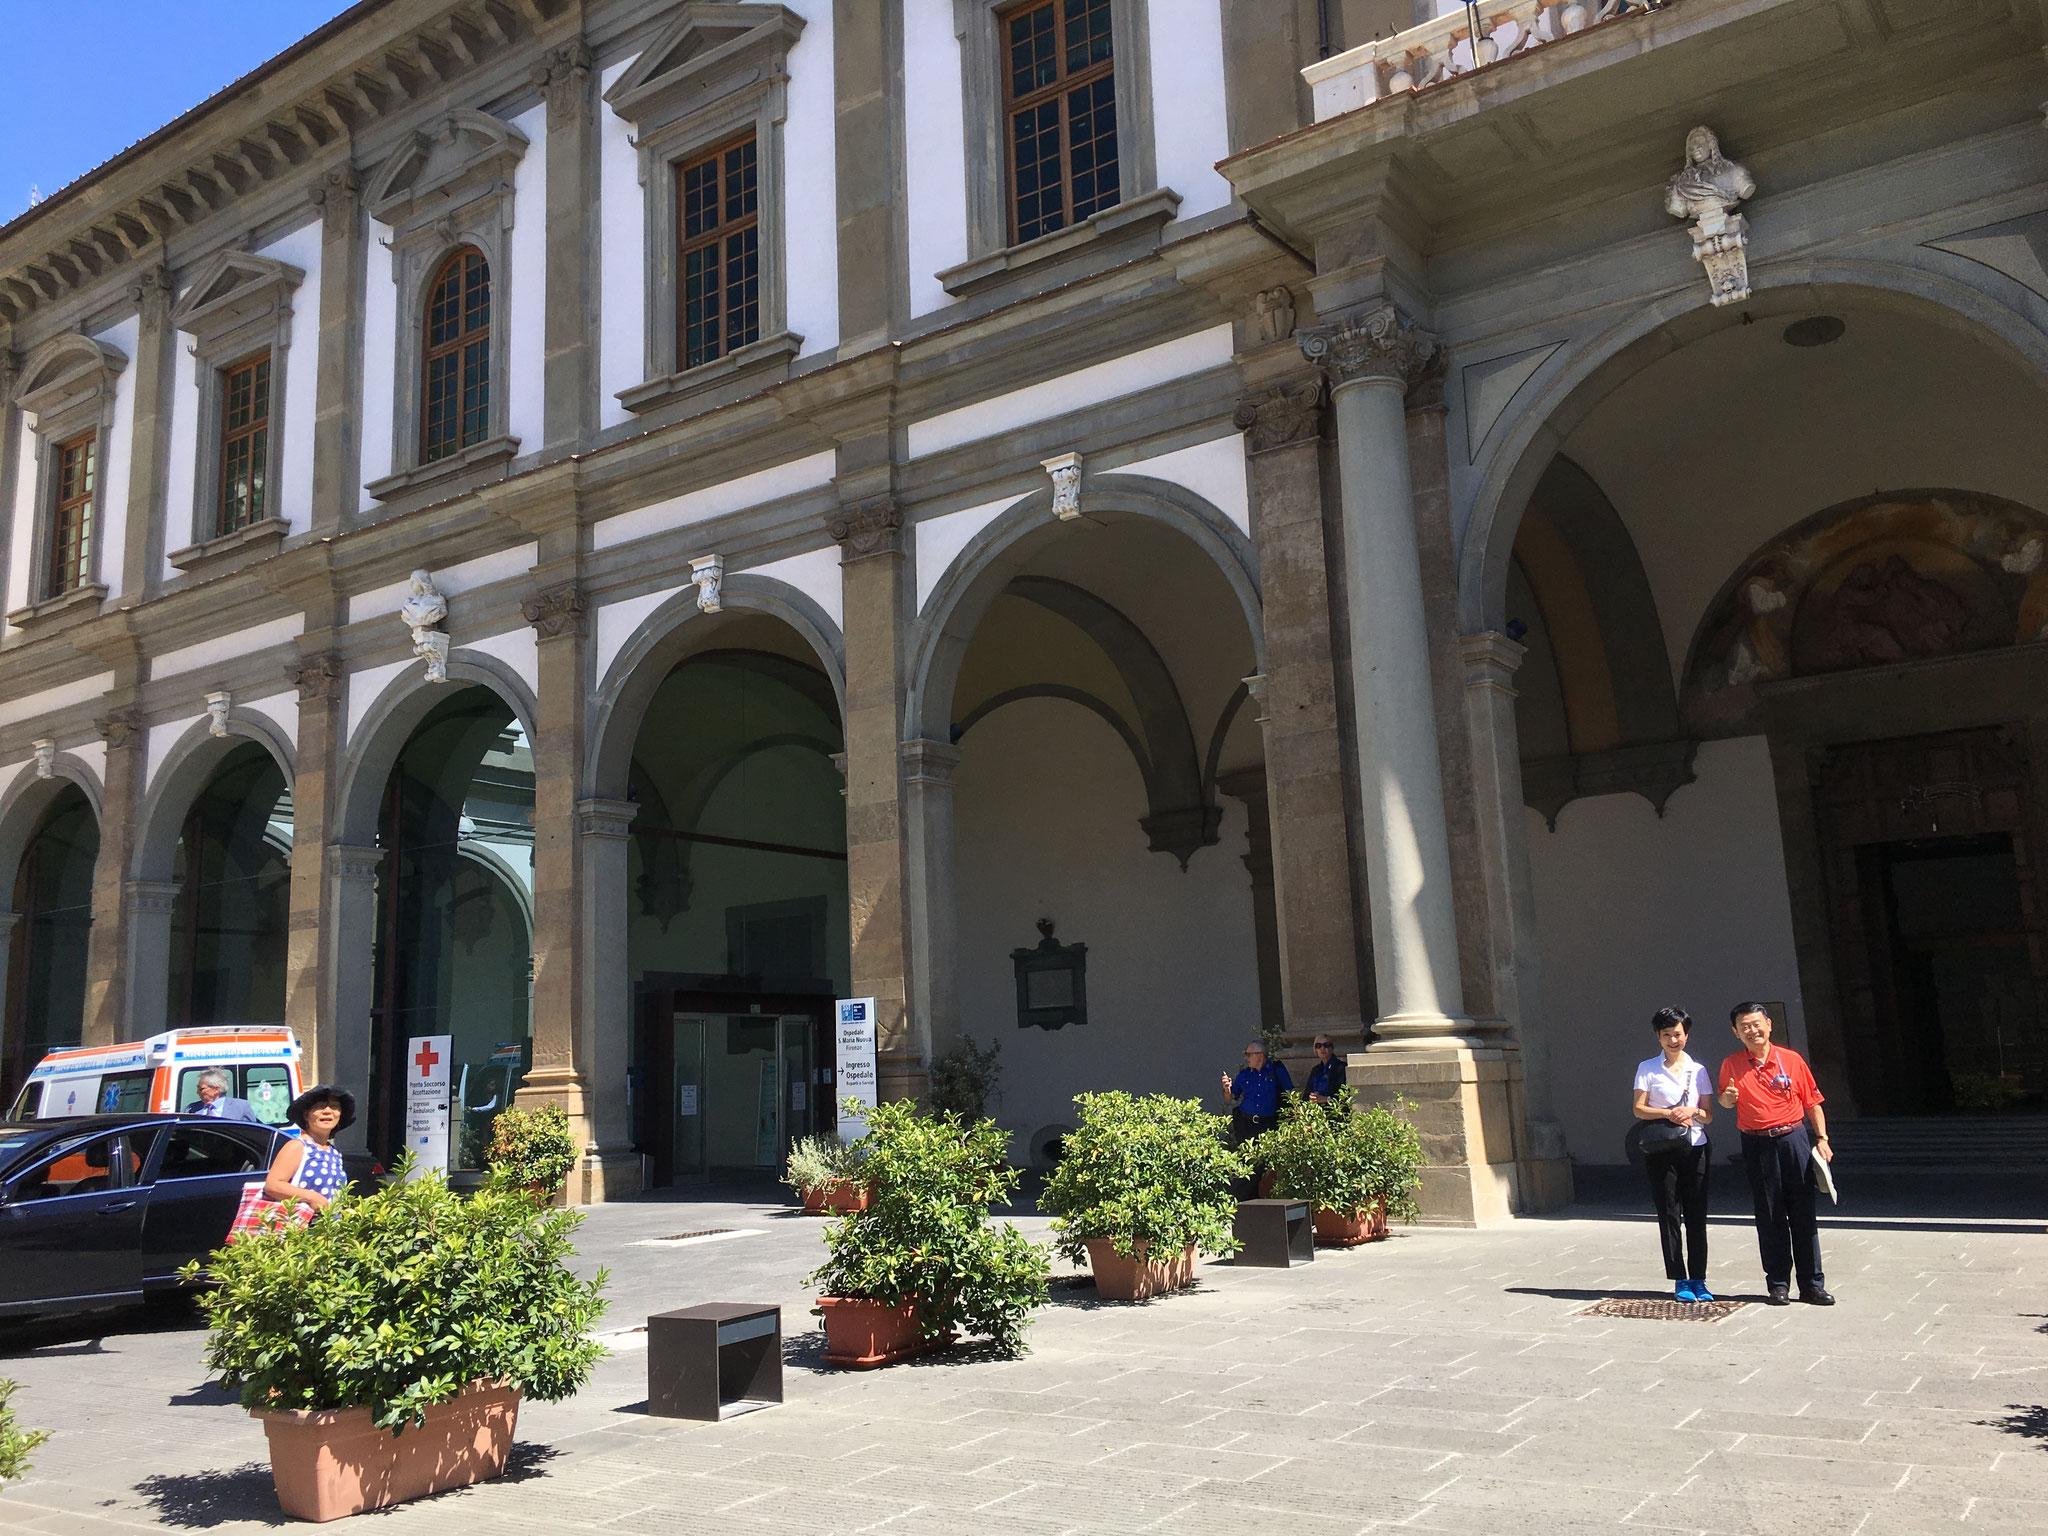 サンタ・マリア・ヌオーヴァ病院。トスカーナ地方で最大、フィレンツェで最古の病院。 700年もの間、場所も建物も変わらずに、病院として機能しています。